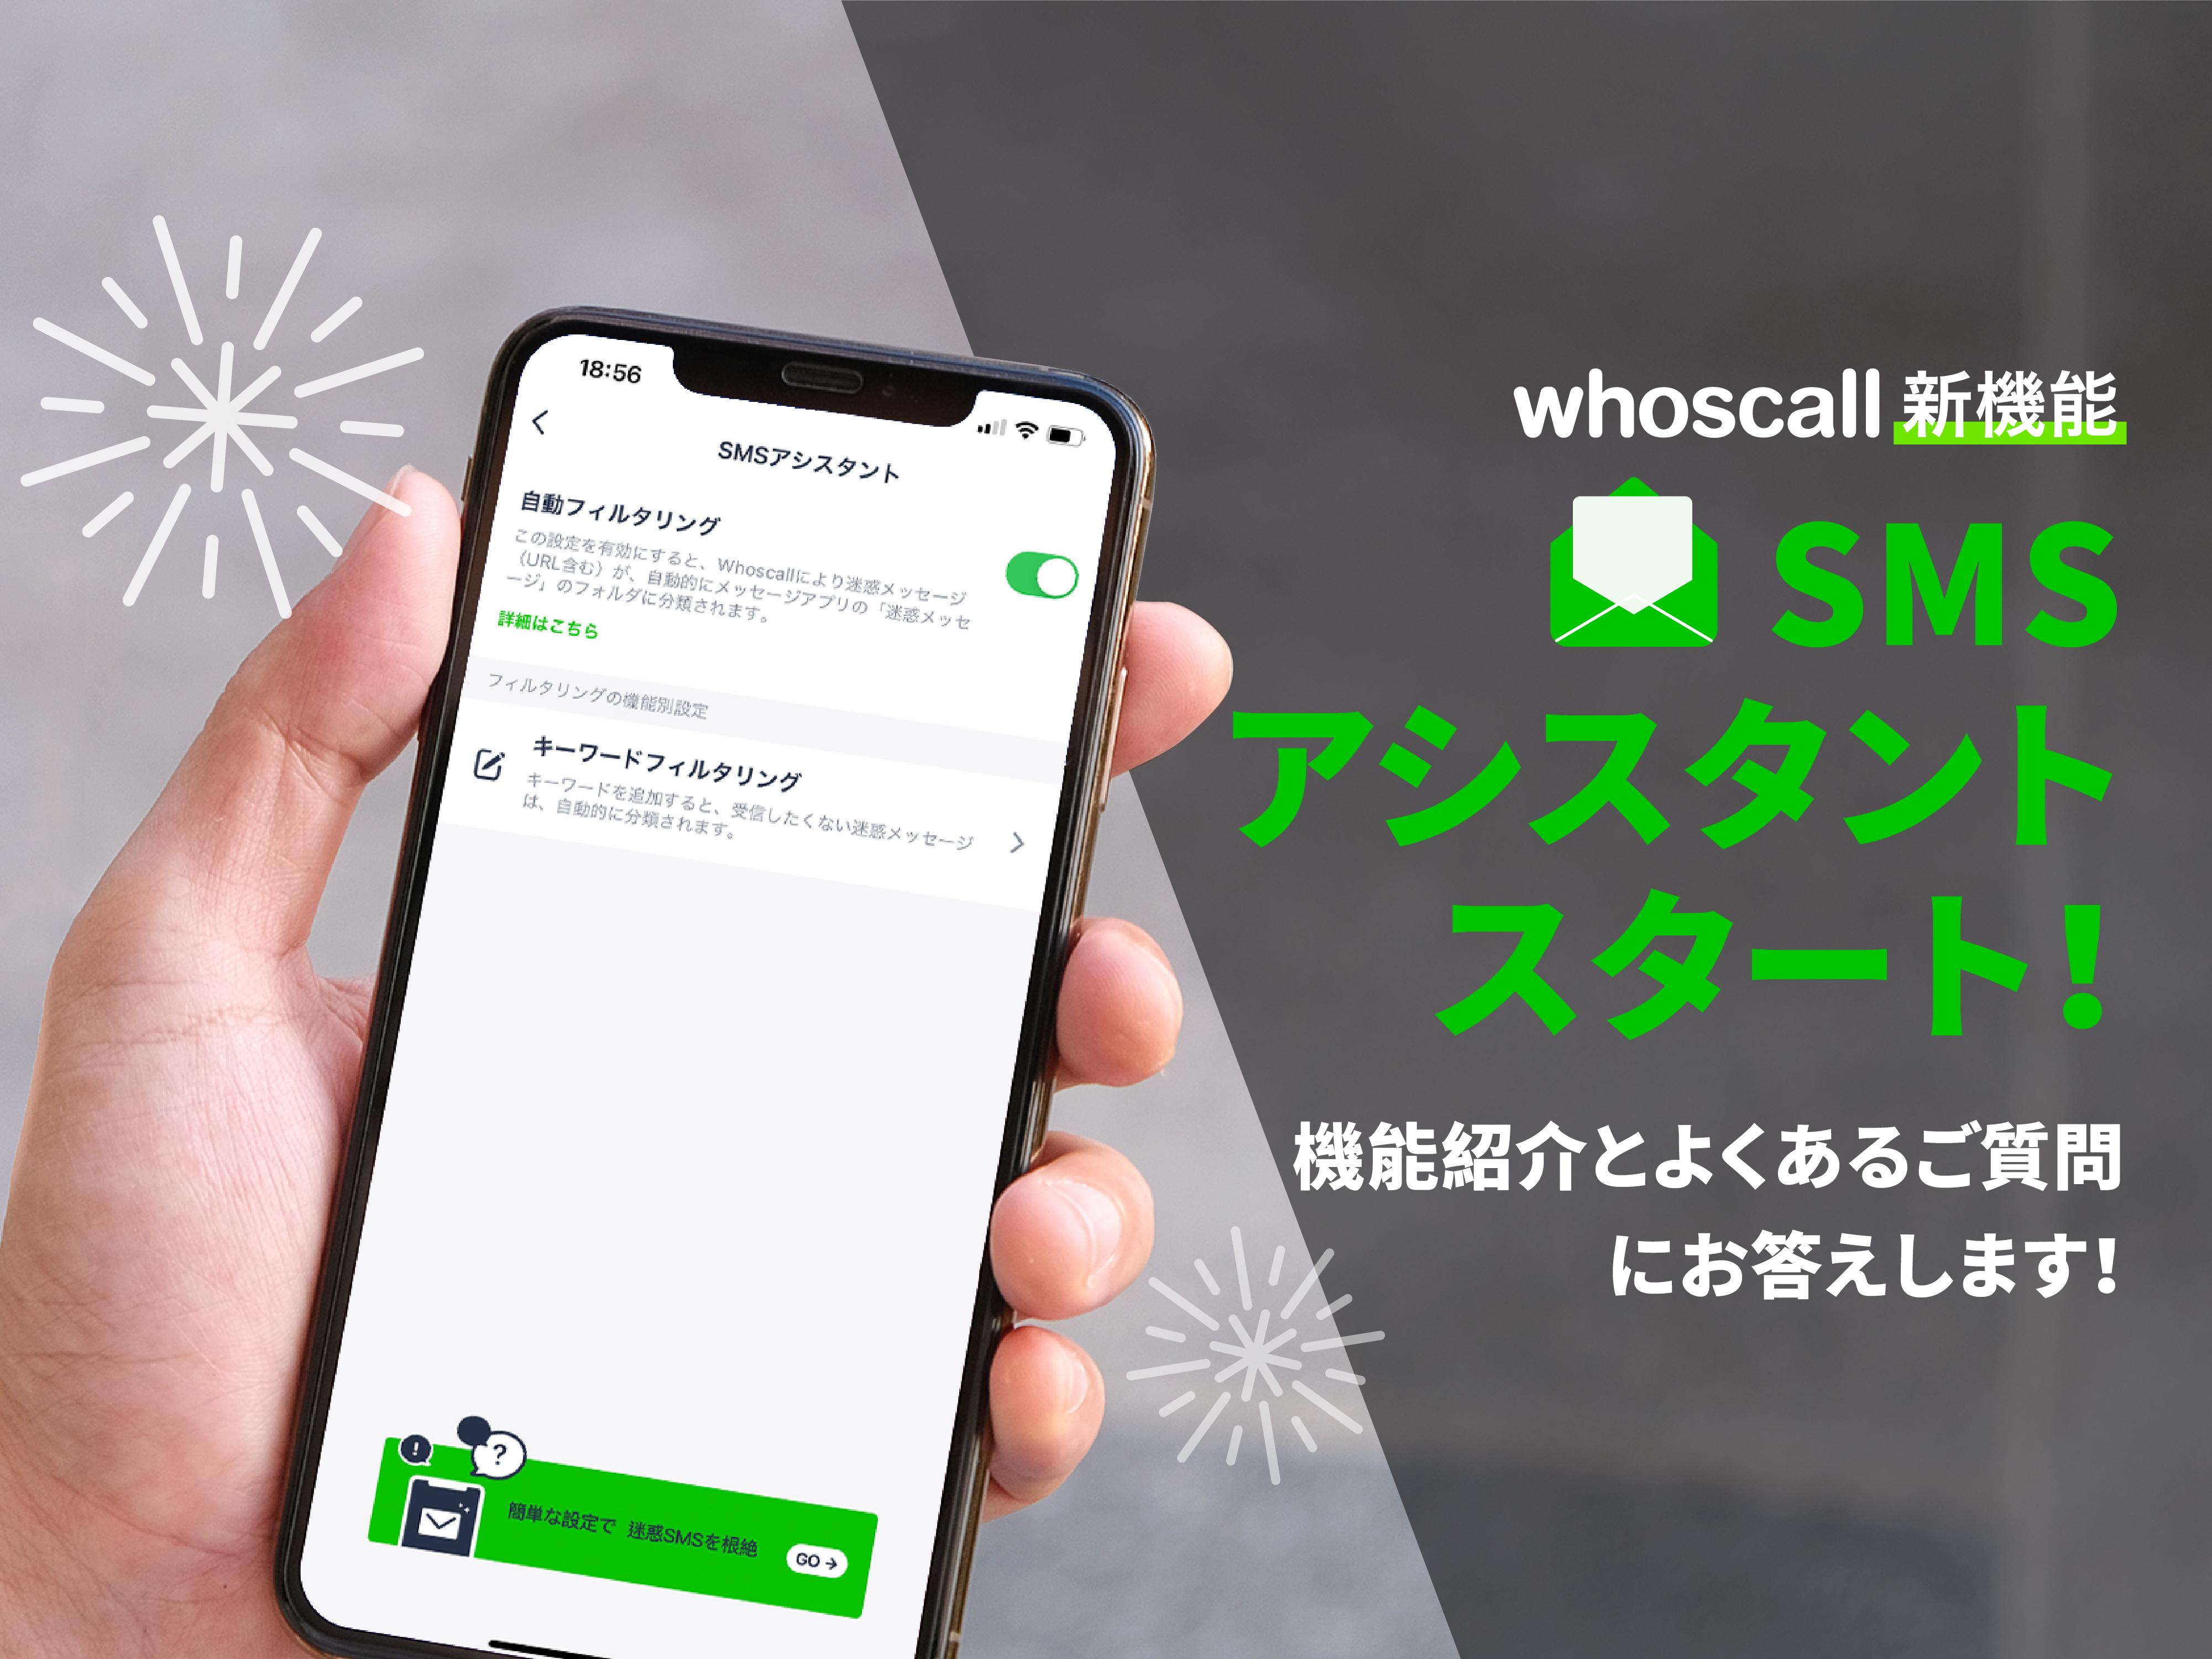 迷惑SMSメッセージを自動的にフィルターできる「SMSアシスタント」がiOS版で登場!